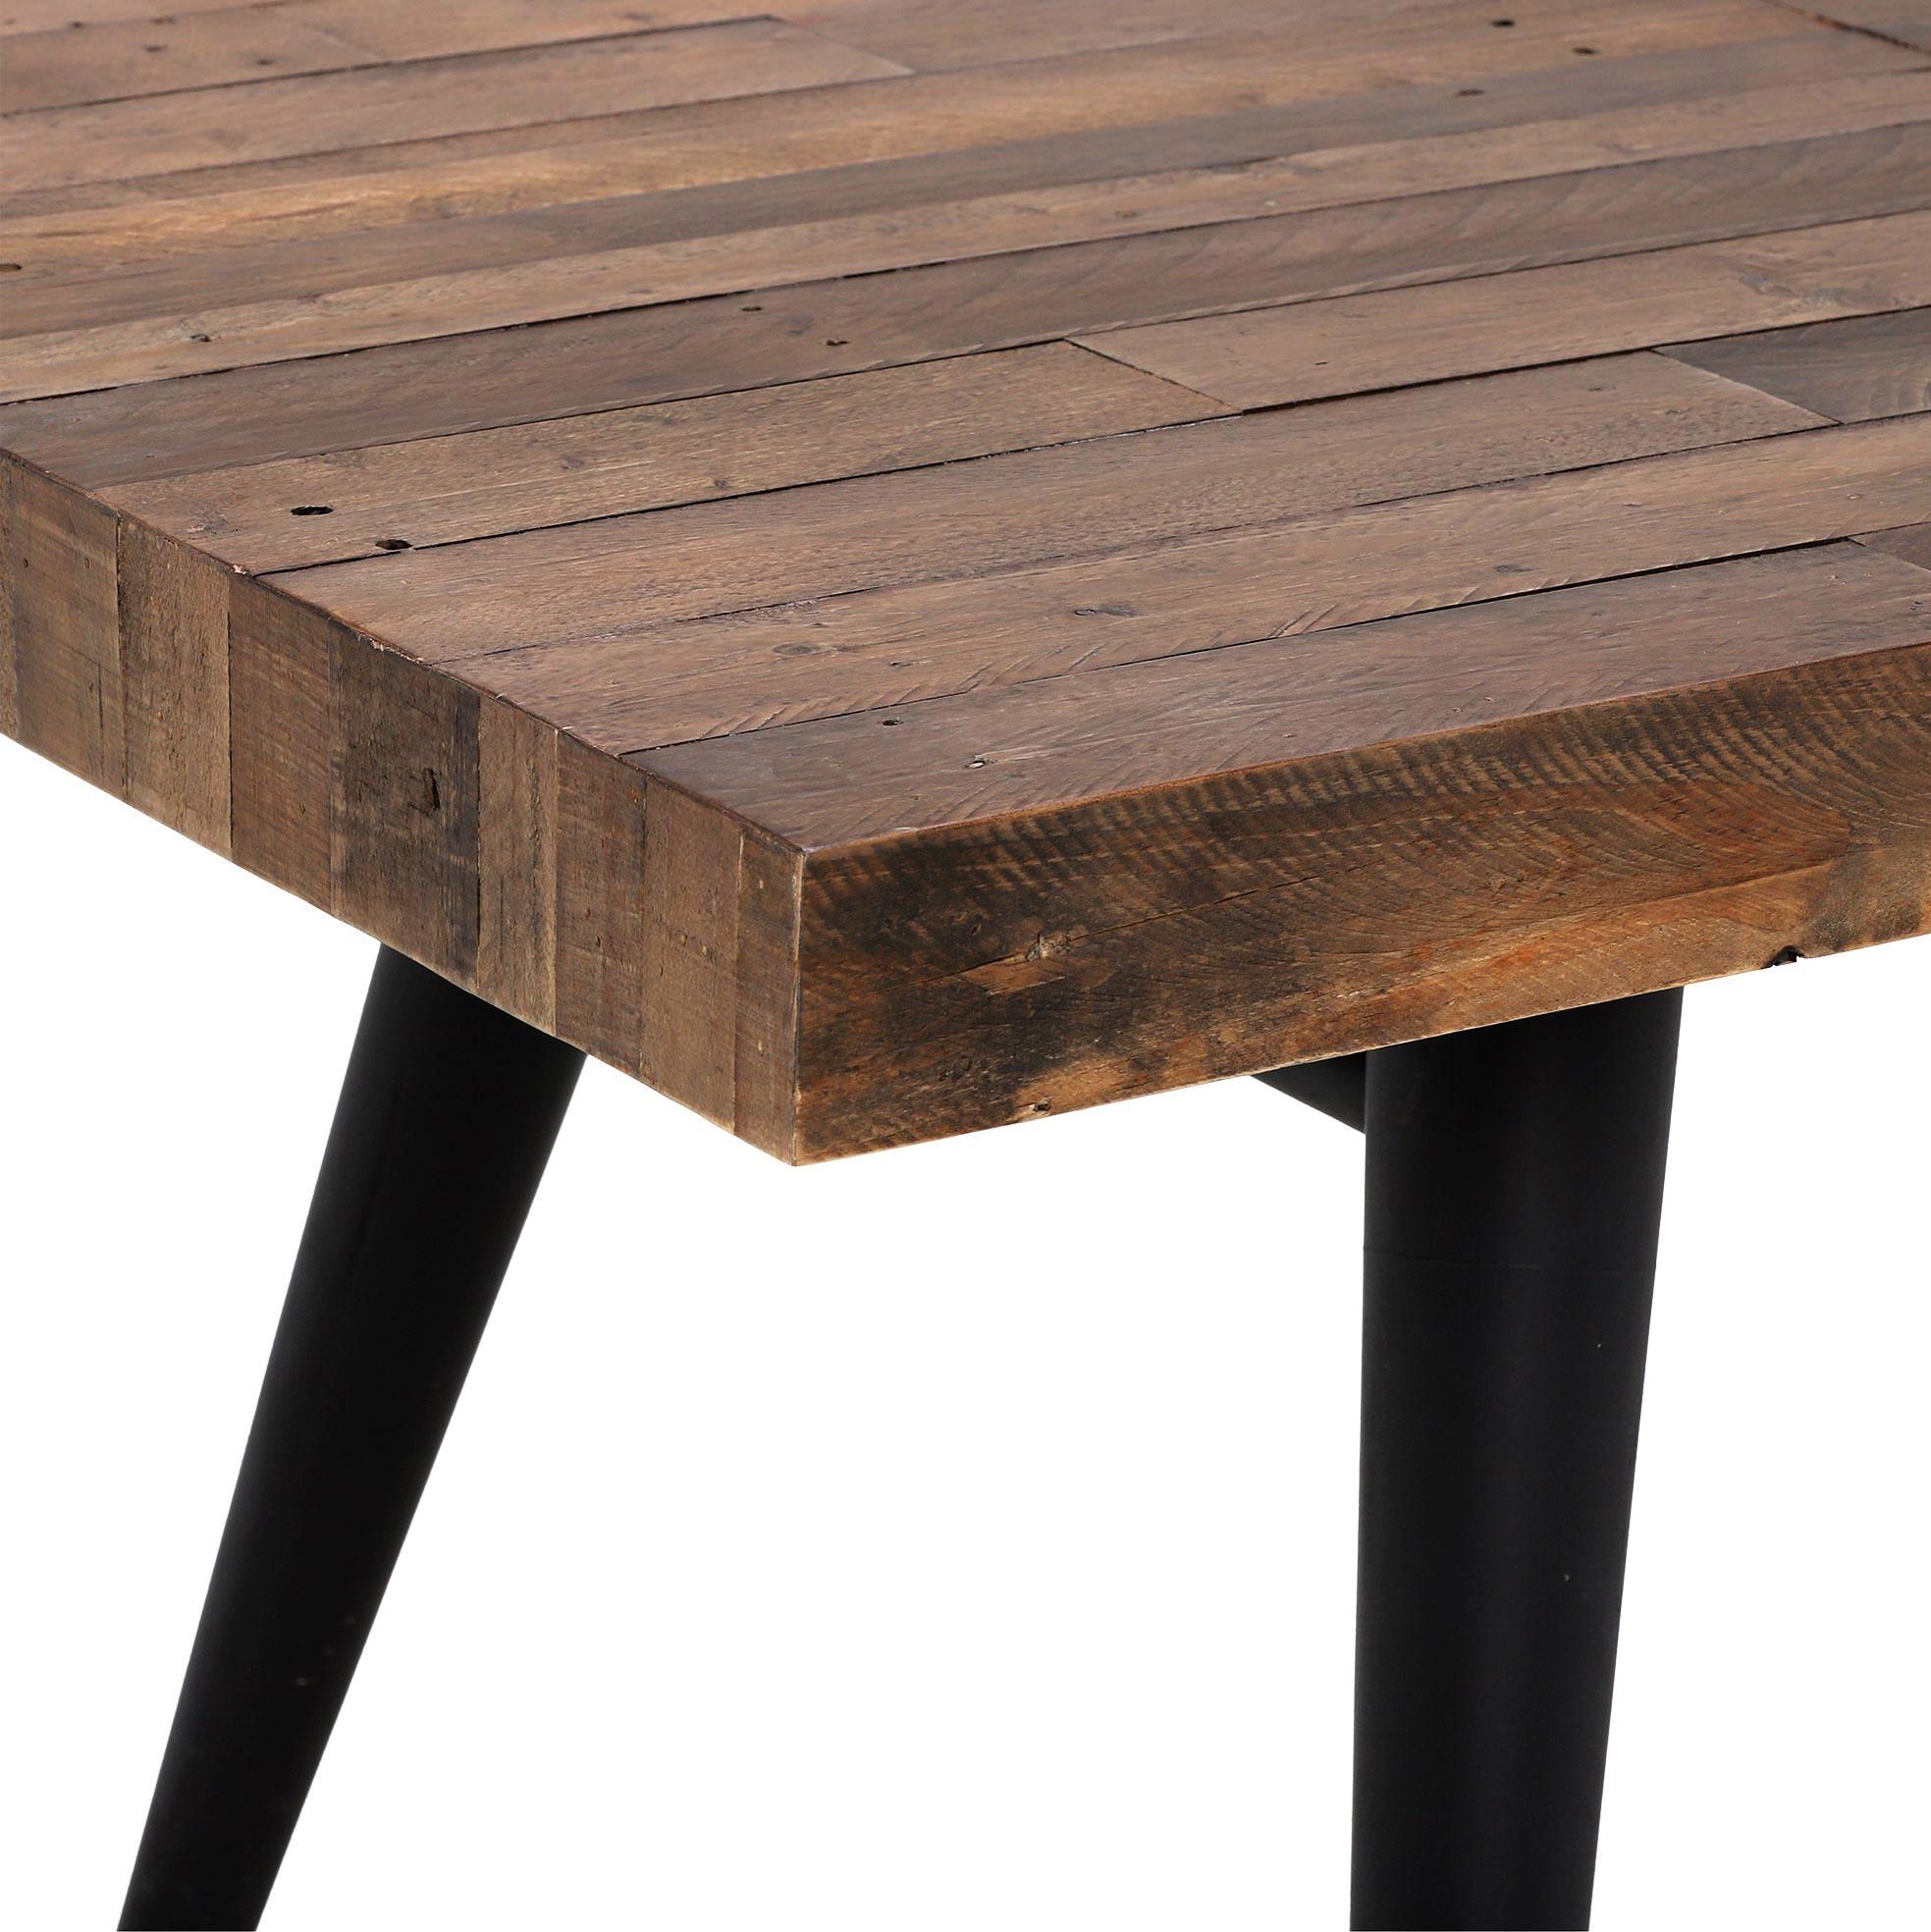 table a manger extensible bois recycle pietement effet laiton vieilli 140 180 cm adelaide